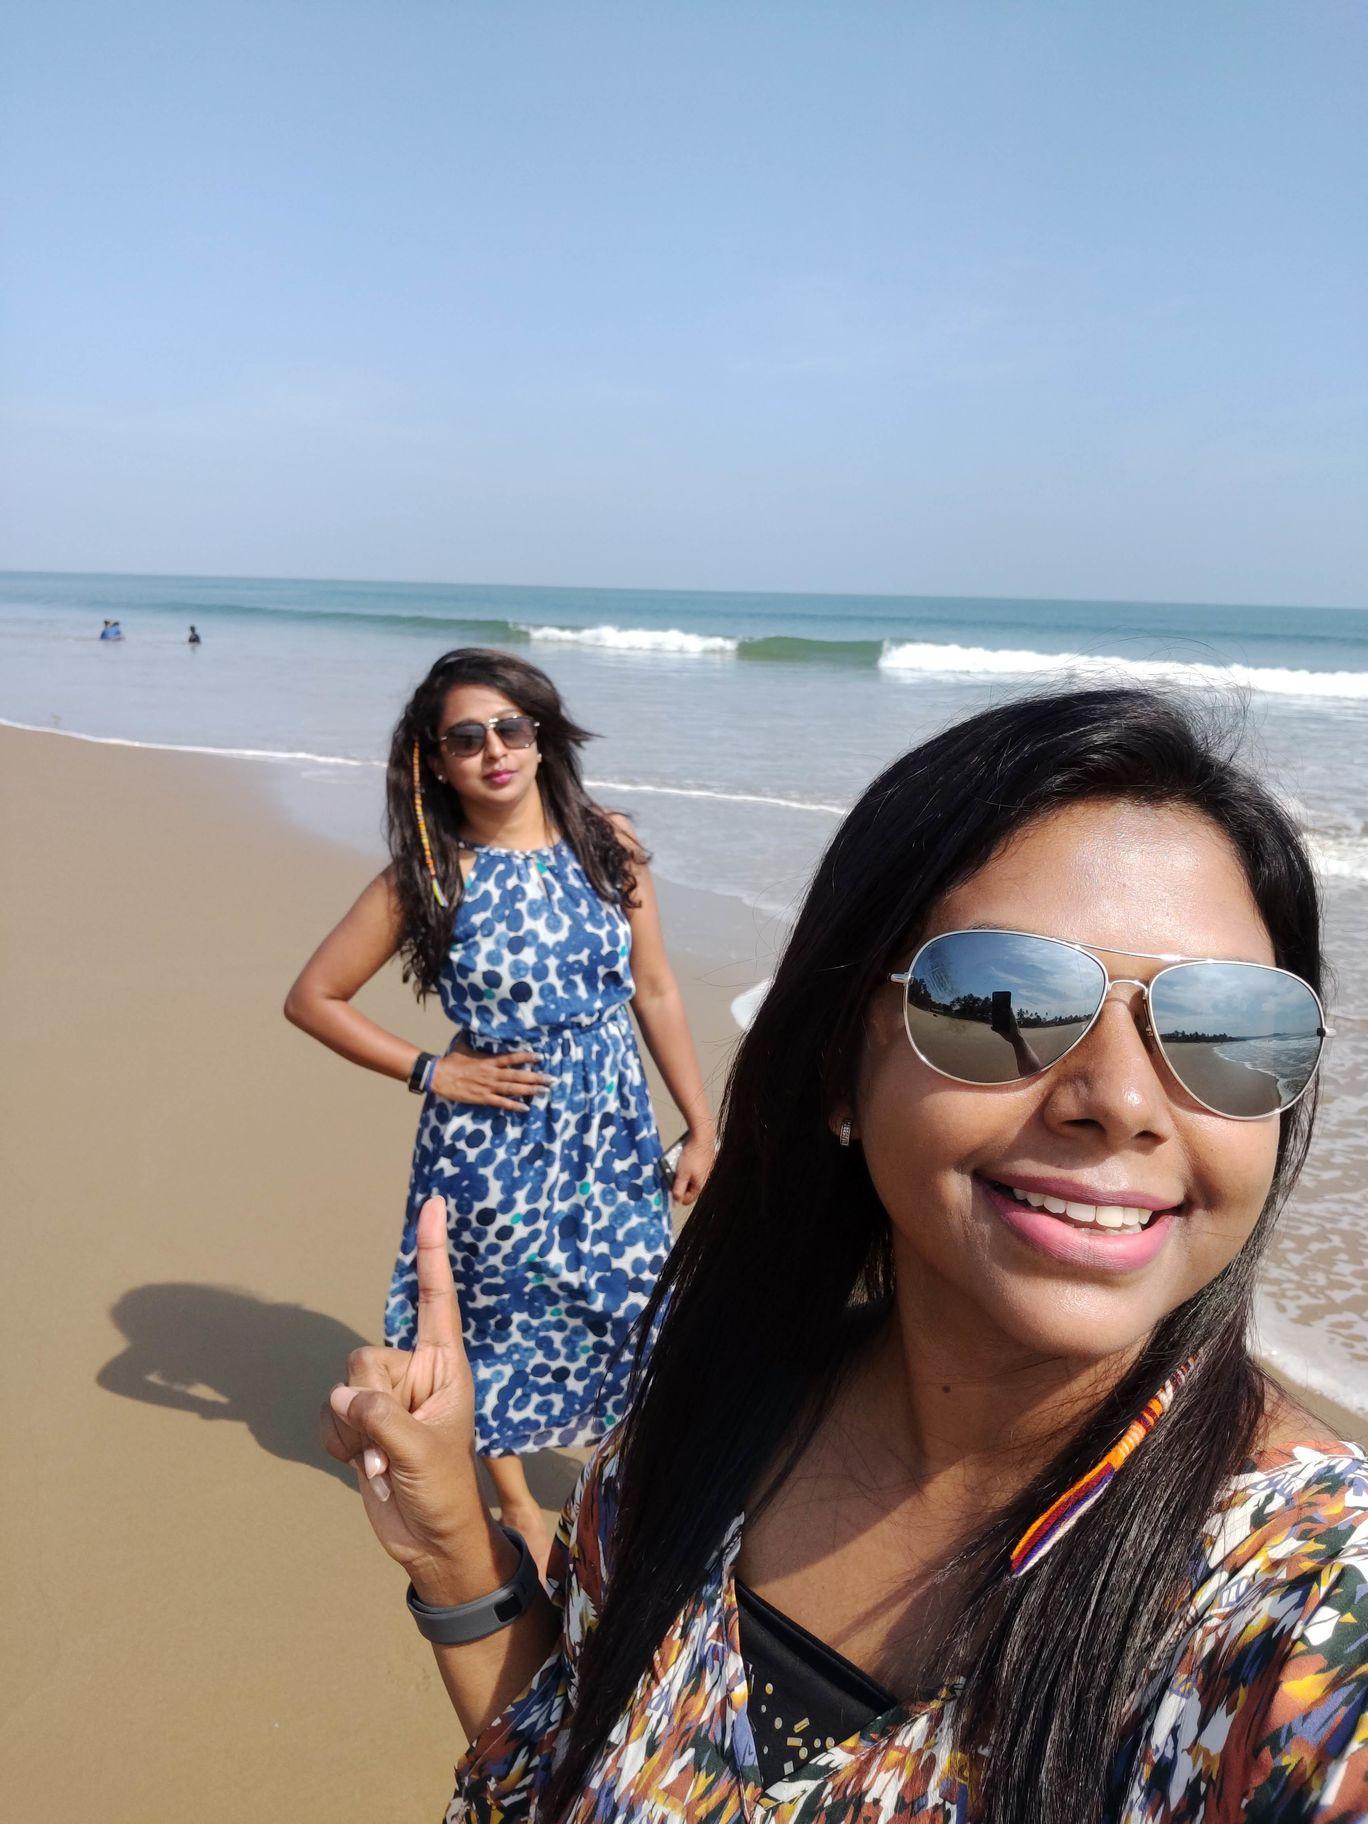 Photo of Gokarna Main Beach By Chaitali Chatterjee